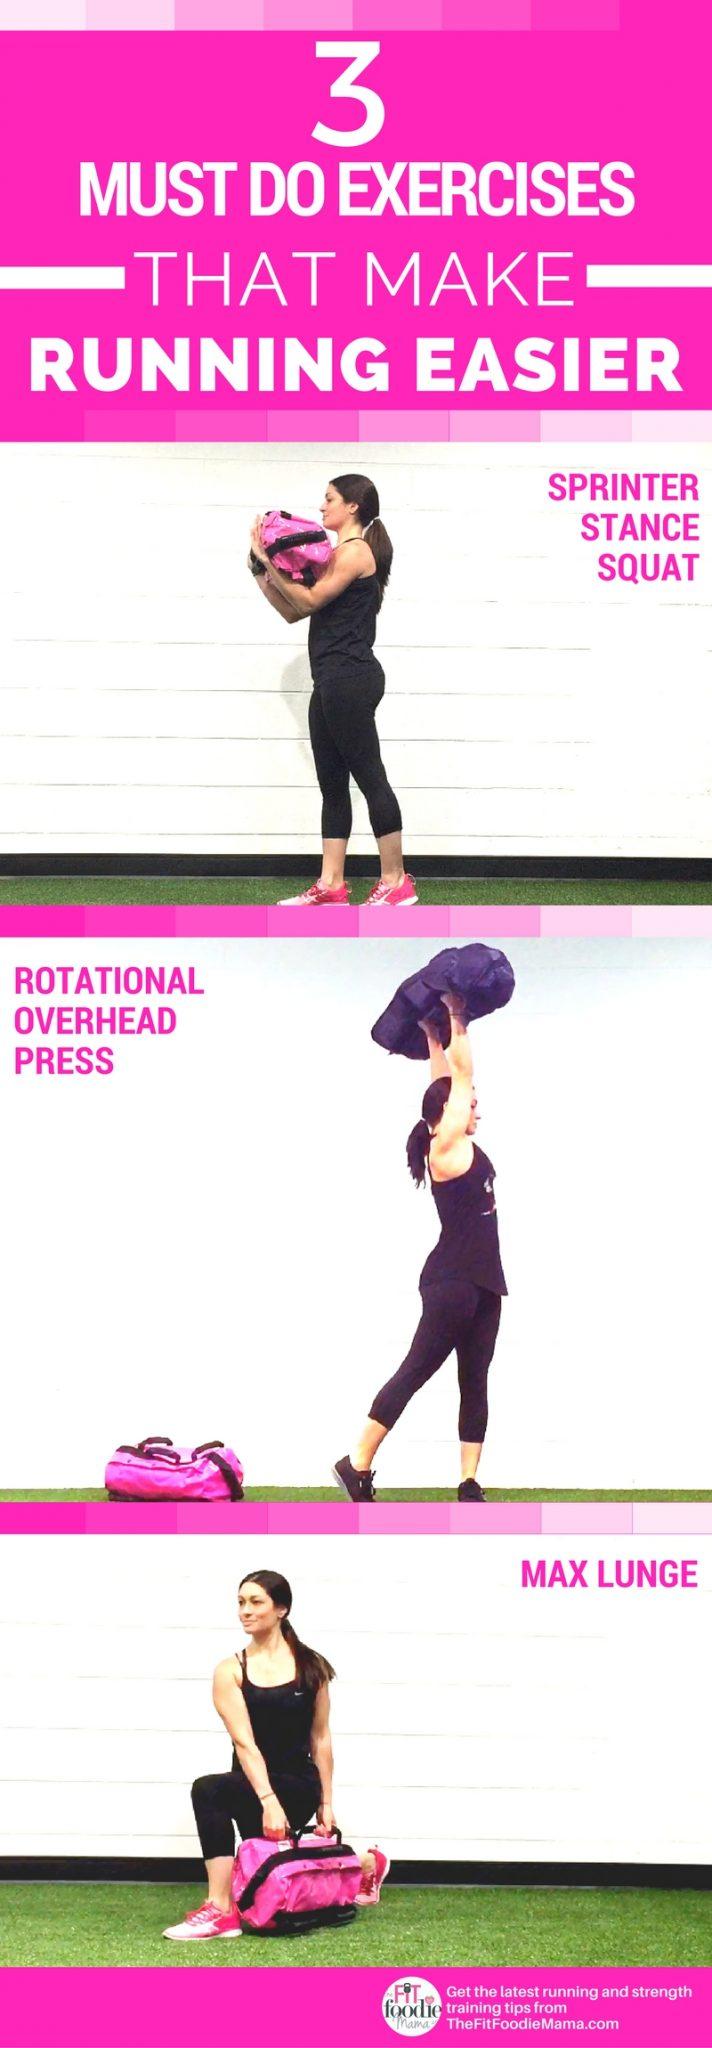 3-must-do-exercises-that-make-running-easier..jpg